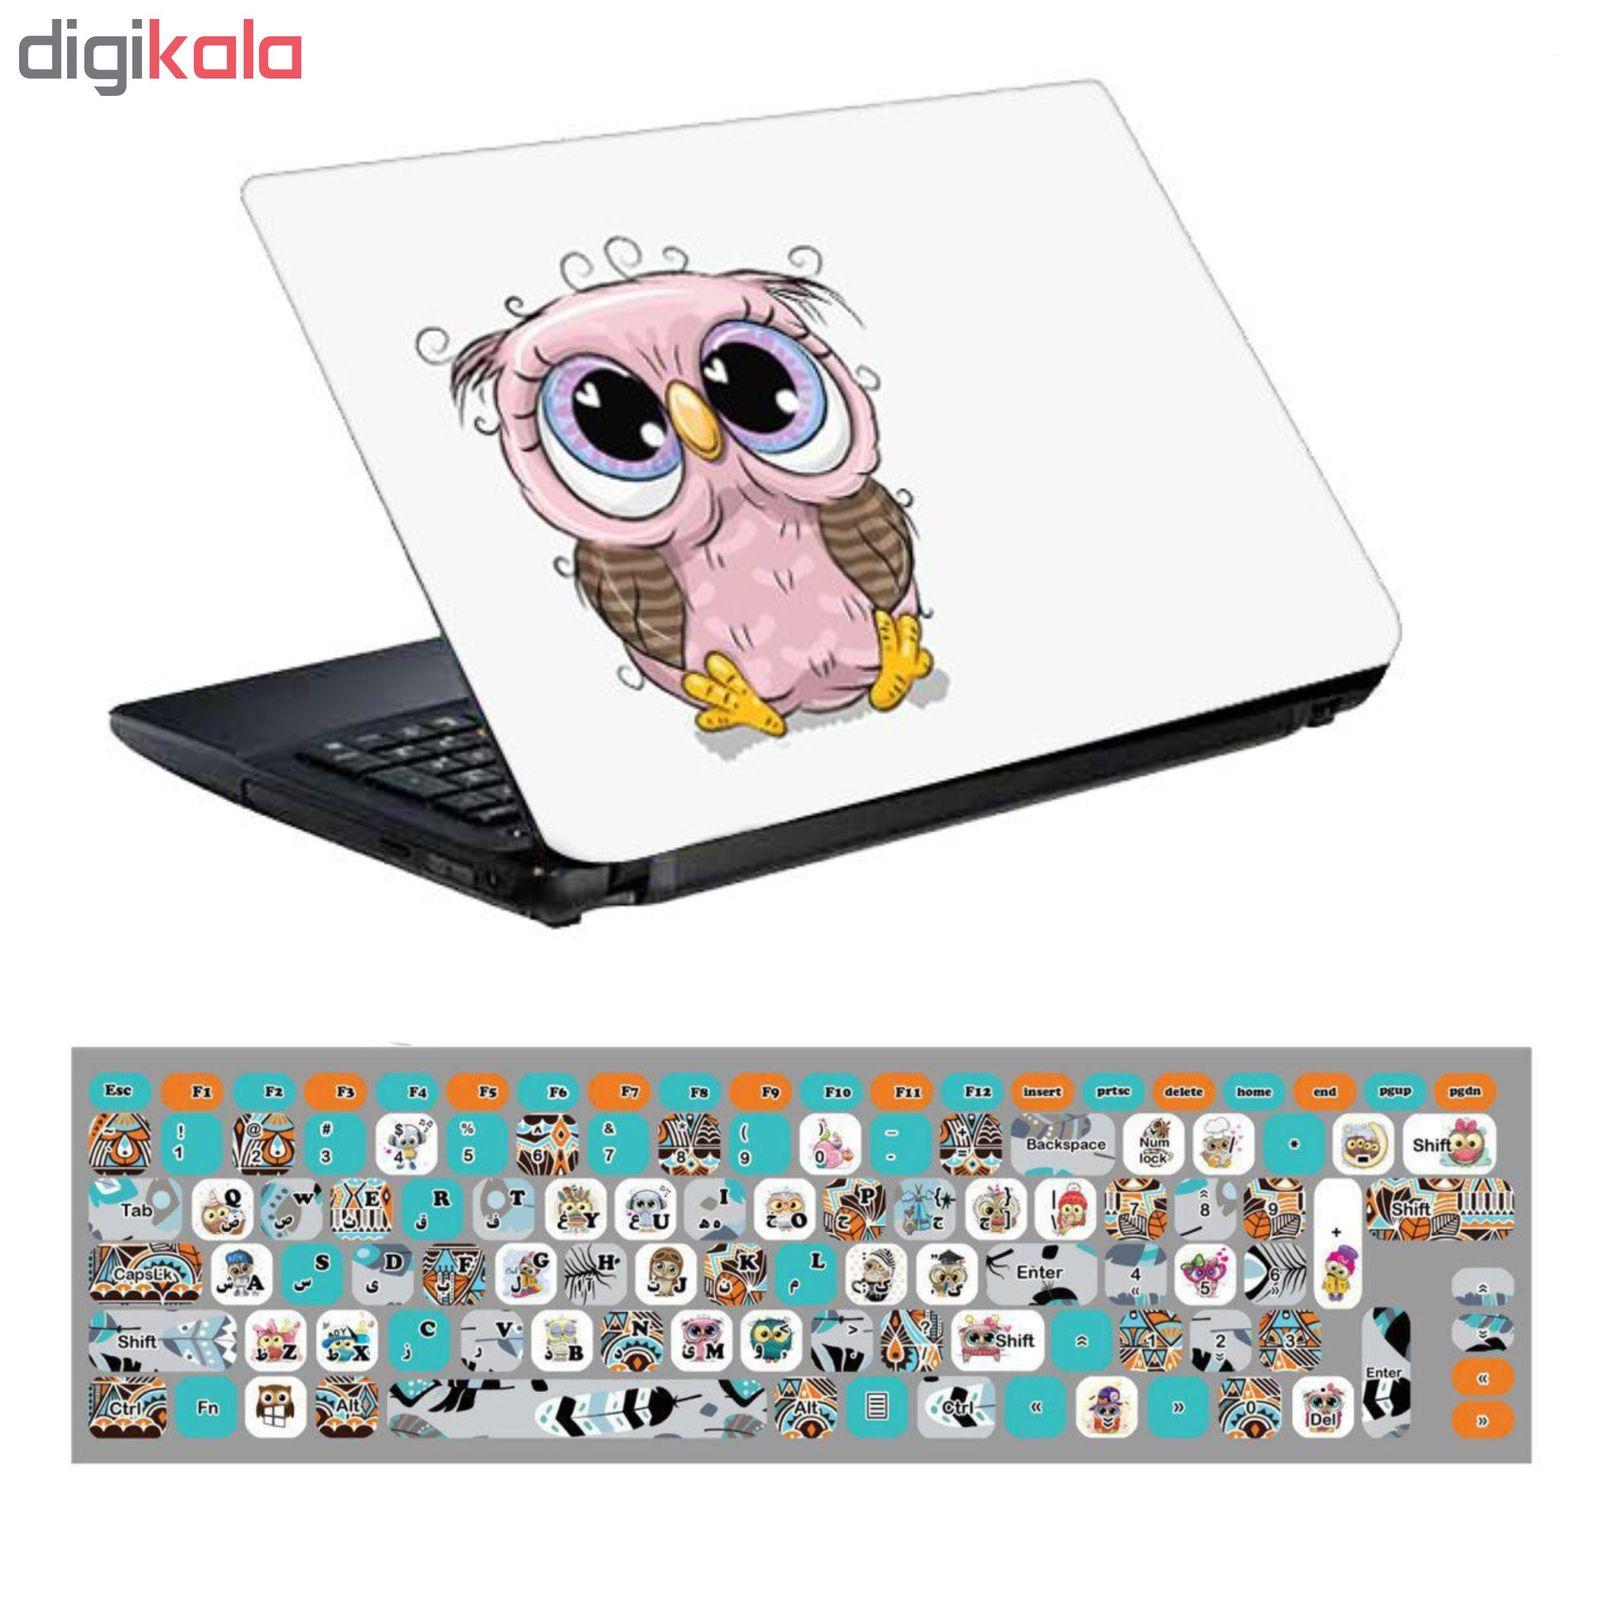 استیکر لپ تاپ طرح جغد کد 0909-98 مناسب برای لپ تاپ 15.6 اینچ به همراه برچسب حروف فارسی کیبورد main 1 1